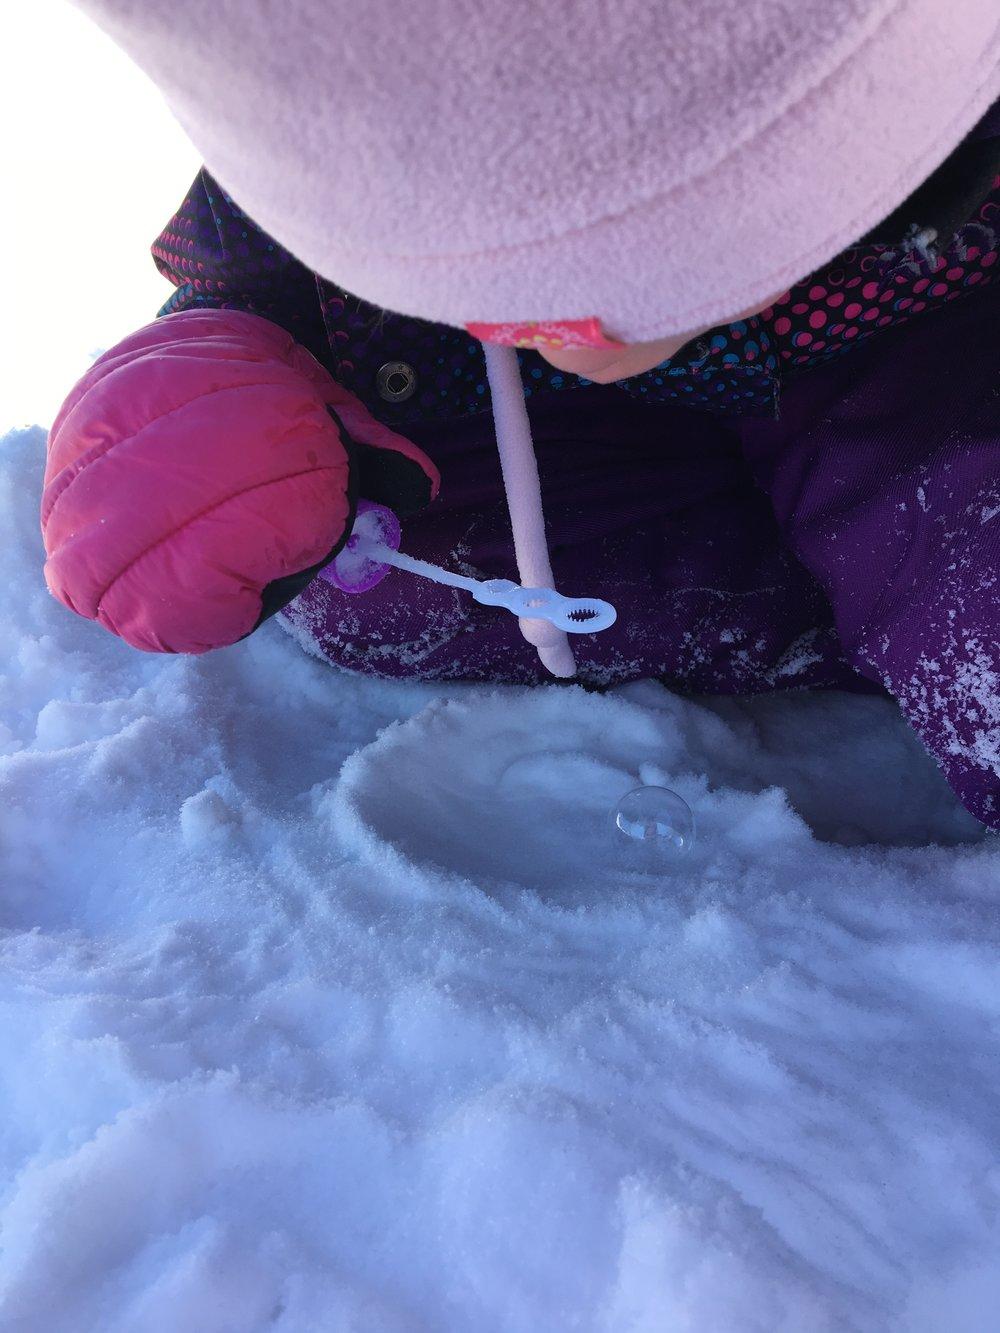 bulles givrées- faire des bulles dehors l'hiver-activité-hiver-enfant-froid-MamanBricole-#MamanBricole-jouer dehors-Je suis une maman